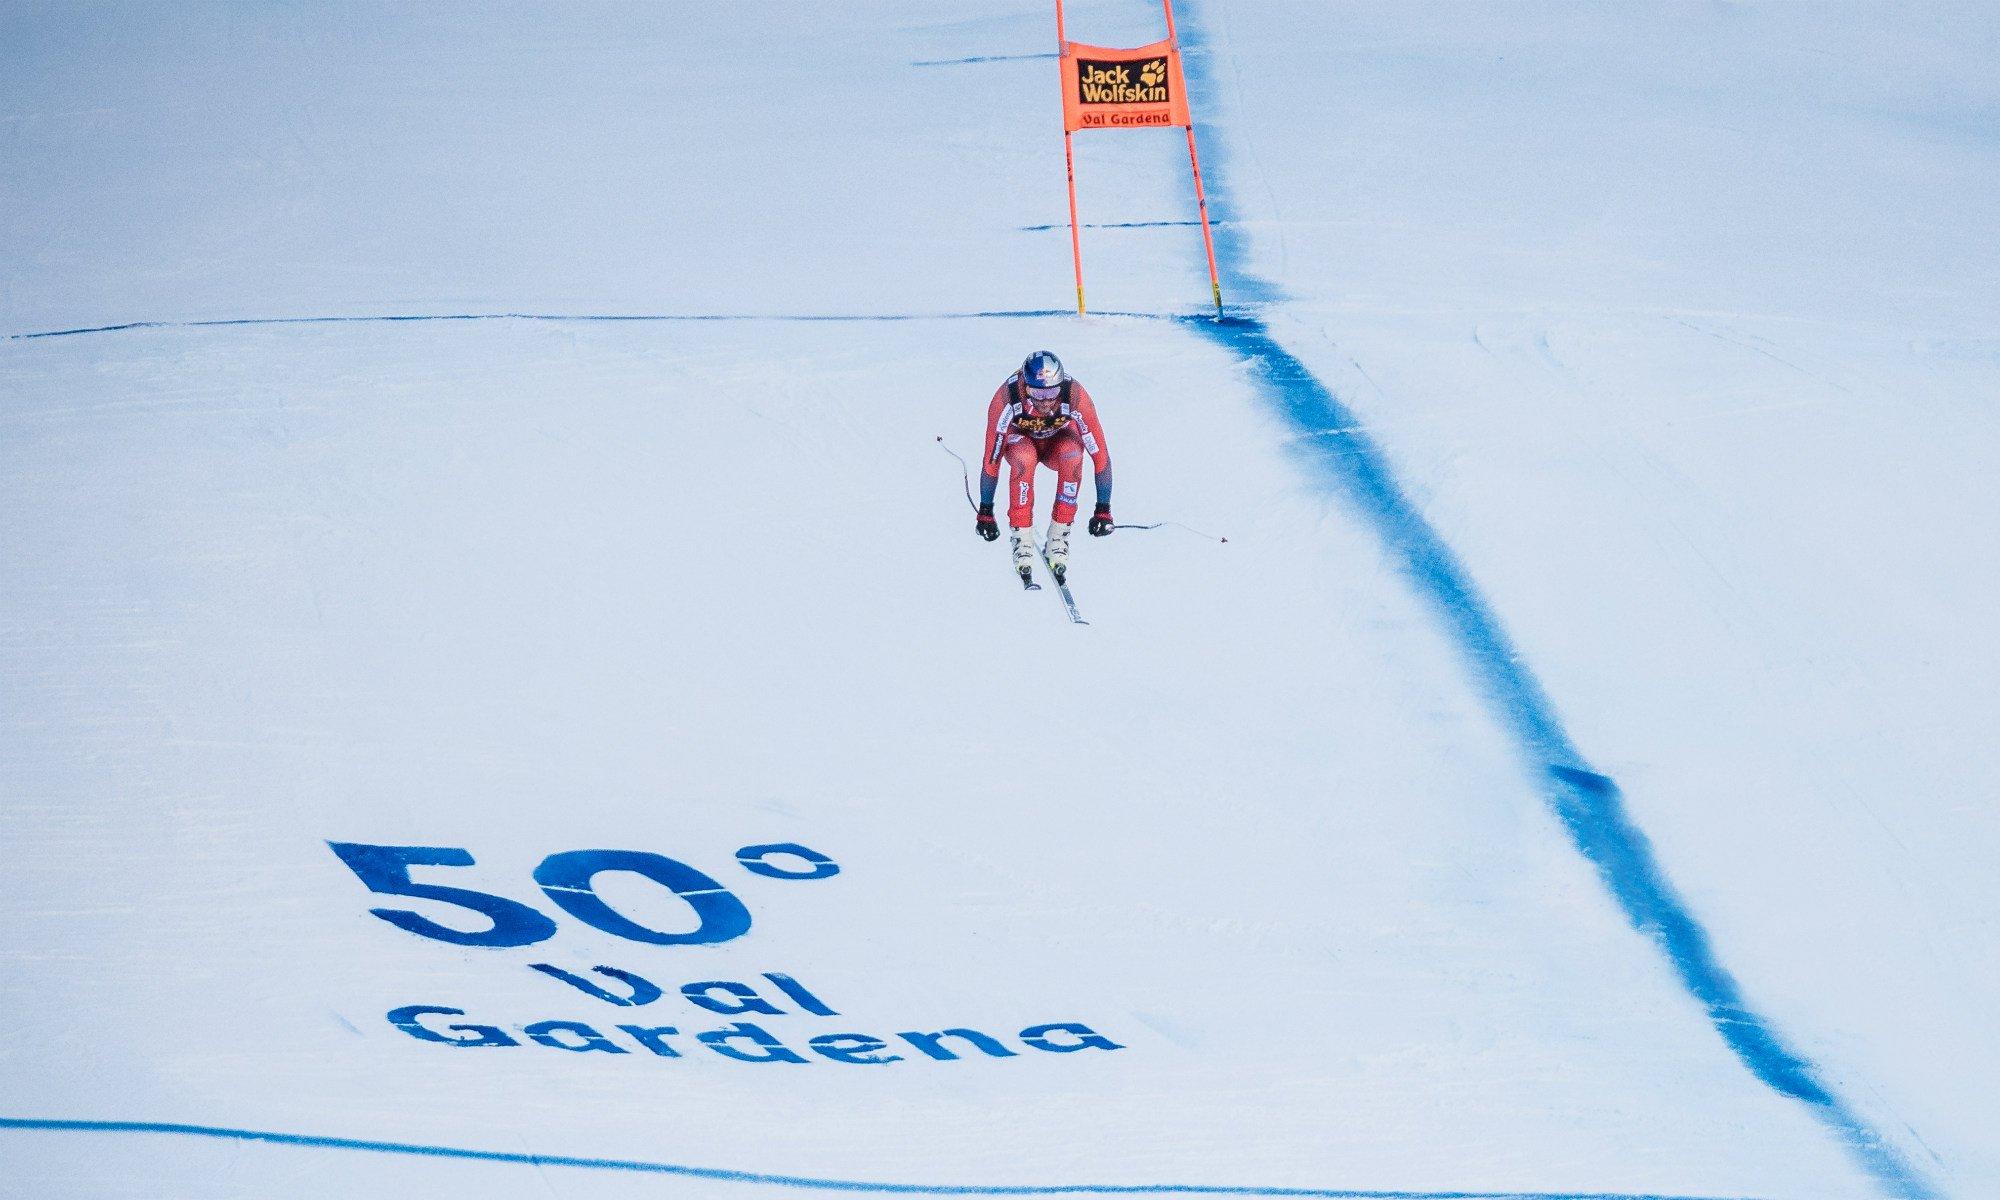 Ein Skirennfahrer bestreitet die berühmte Abfahrt Saslong in Gröden.